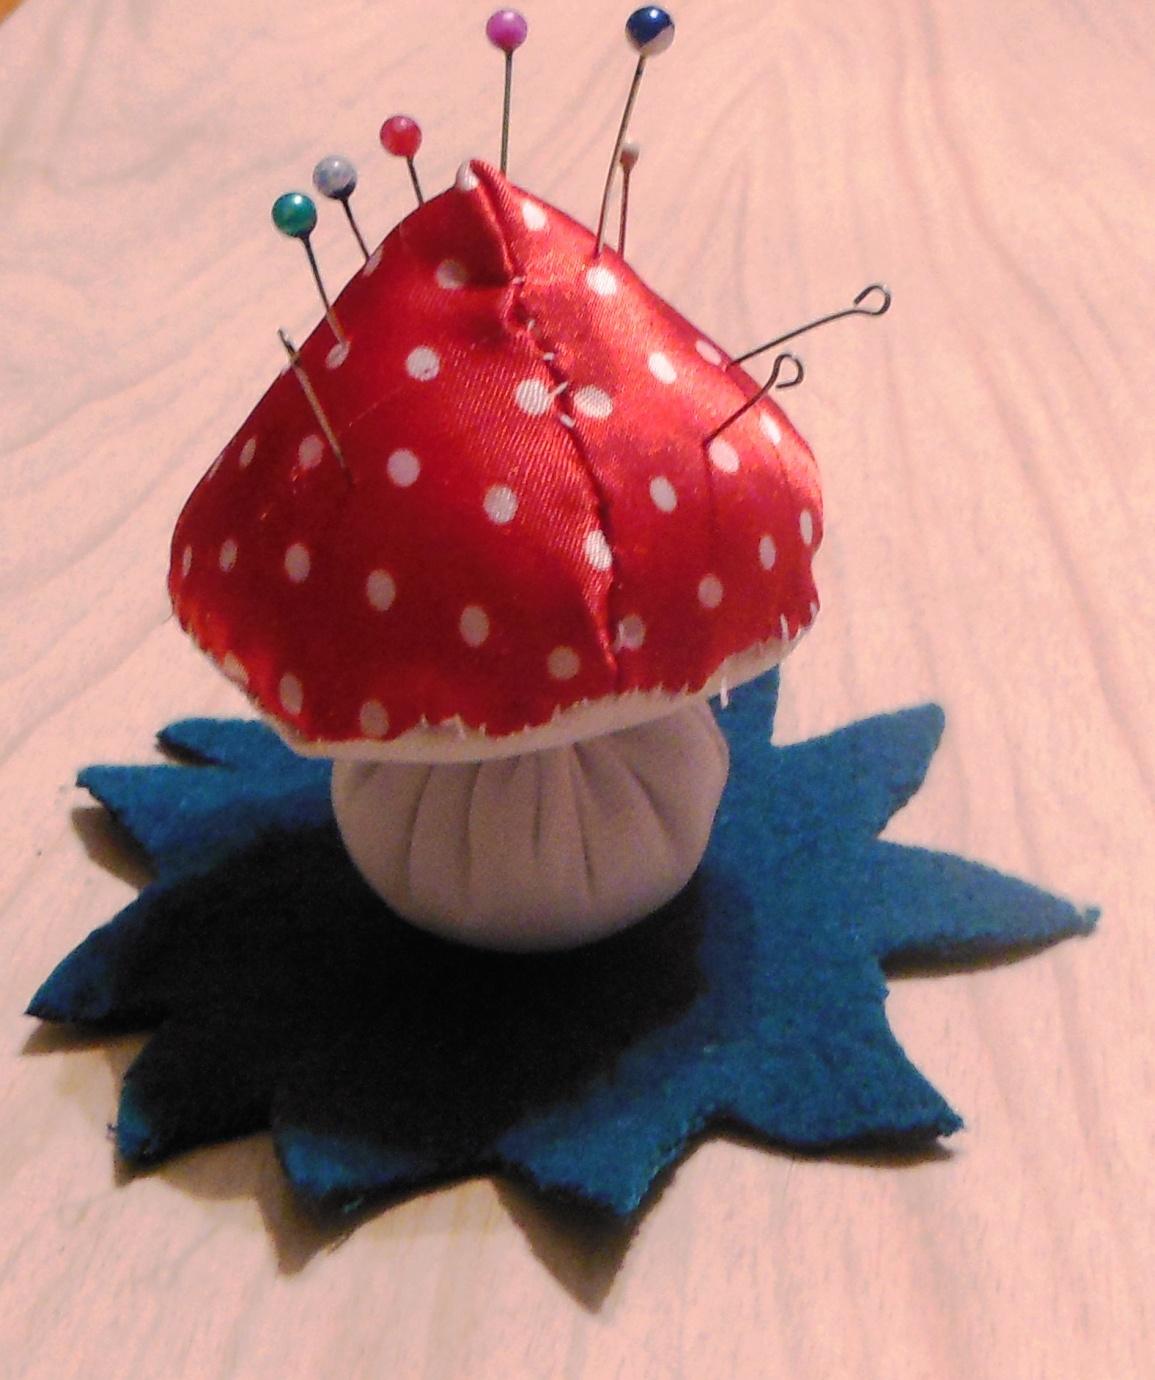 Выкройка грибов. Как сшить игрушку гриб своими руками / Мастер 70